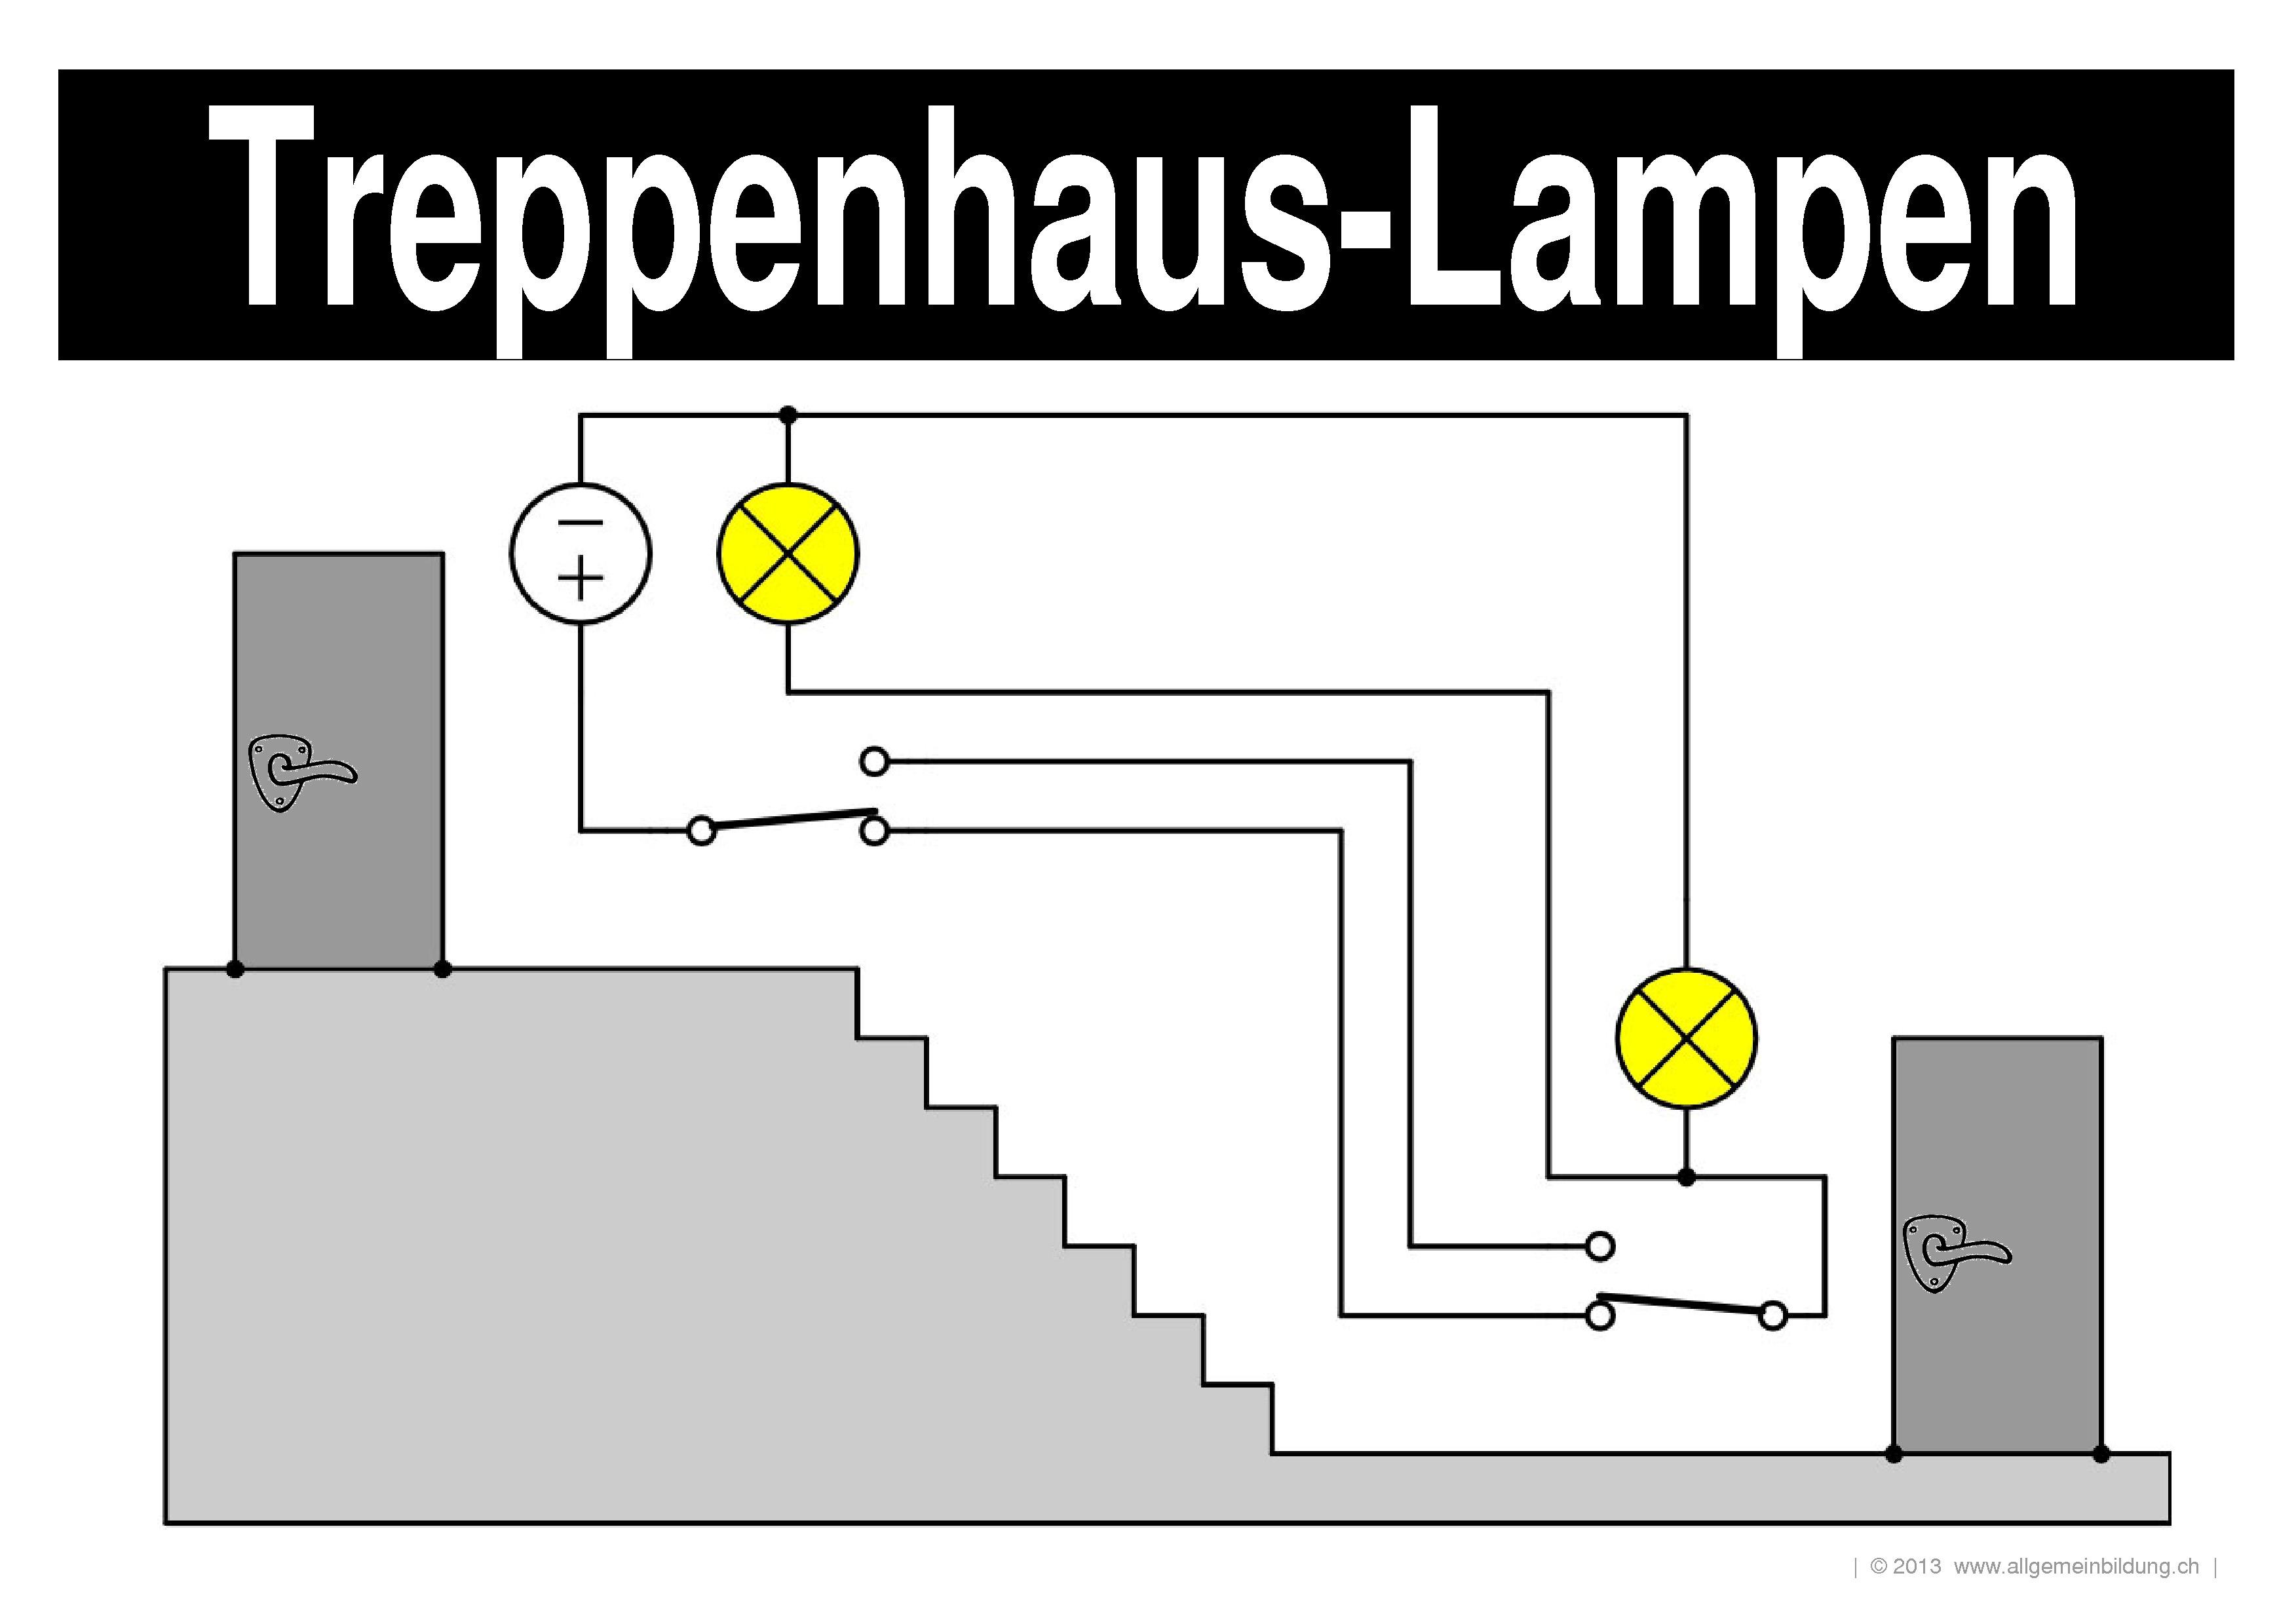 Physik lernplakate wissensposter elektrische treppenhaus for Lampen treppenhaus